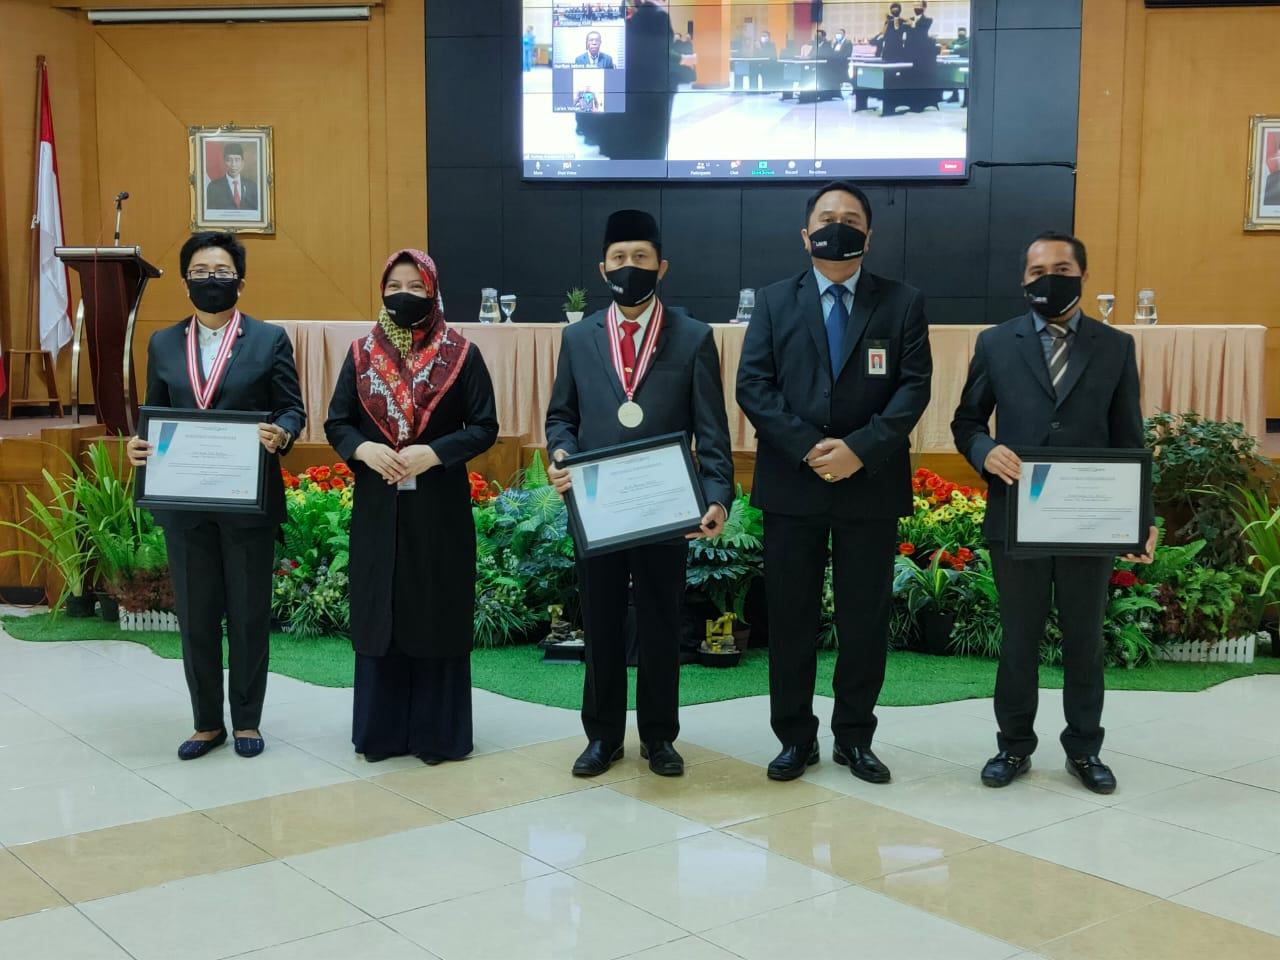 Kabiro IAIN Kediri Raih Dua Penghargaan Dari LAN RI